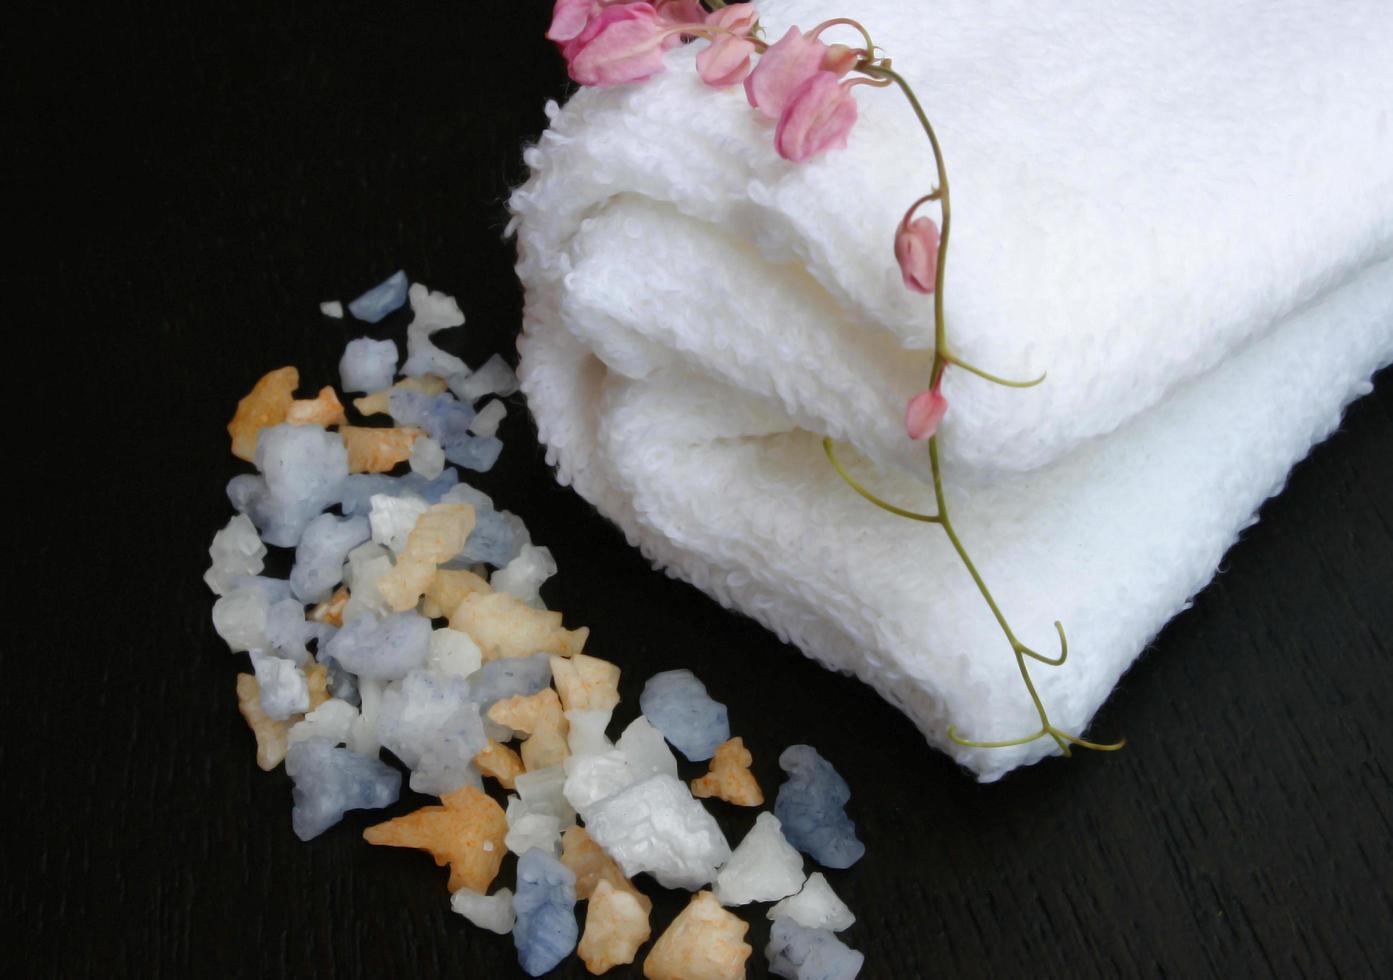 du sel et une serviette photo